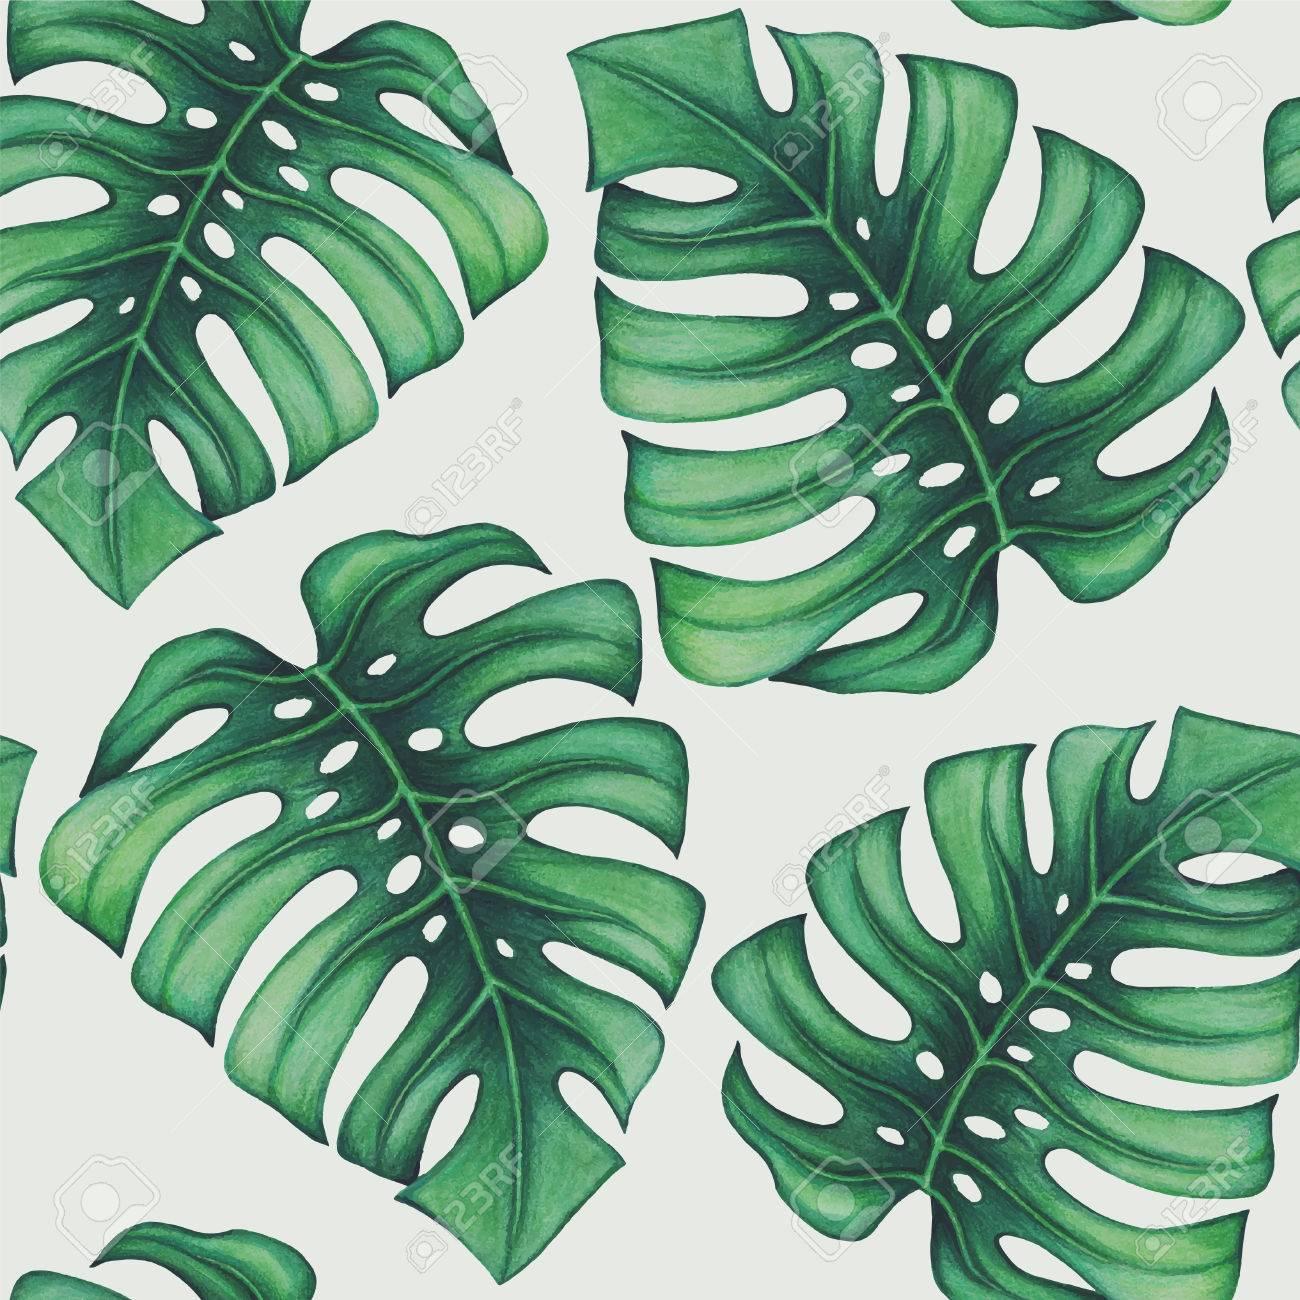 Aquarell Tropische Palmen Blatter Nahtlose Muster Lizenzfreie Fotos